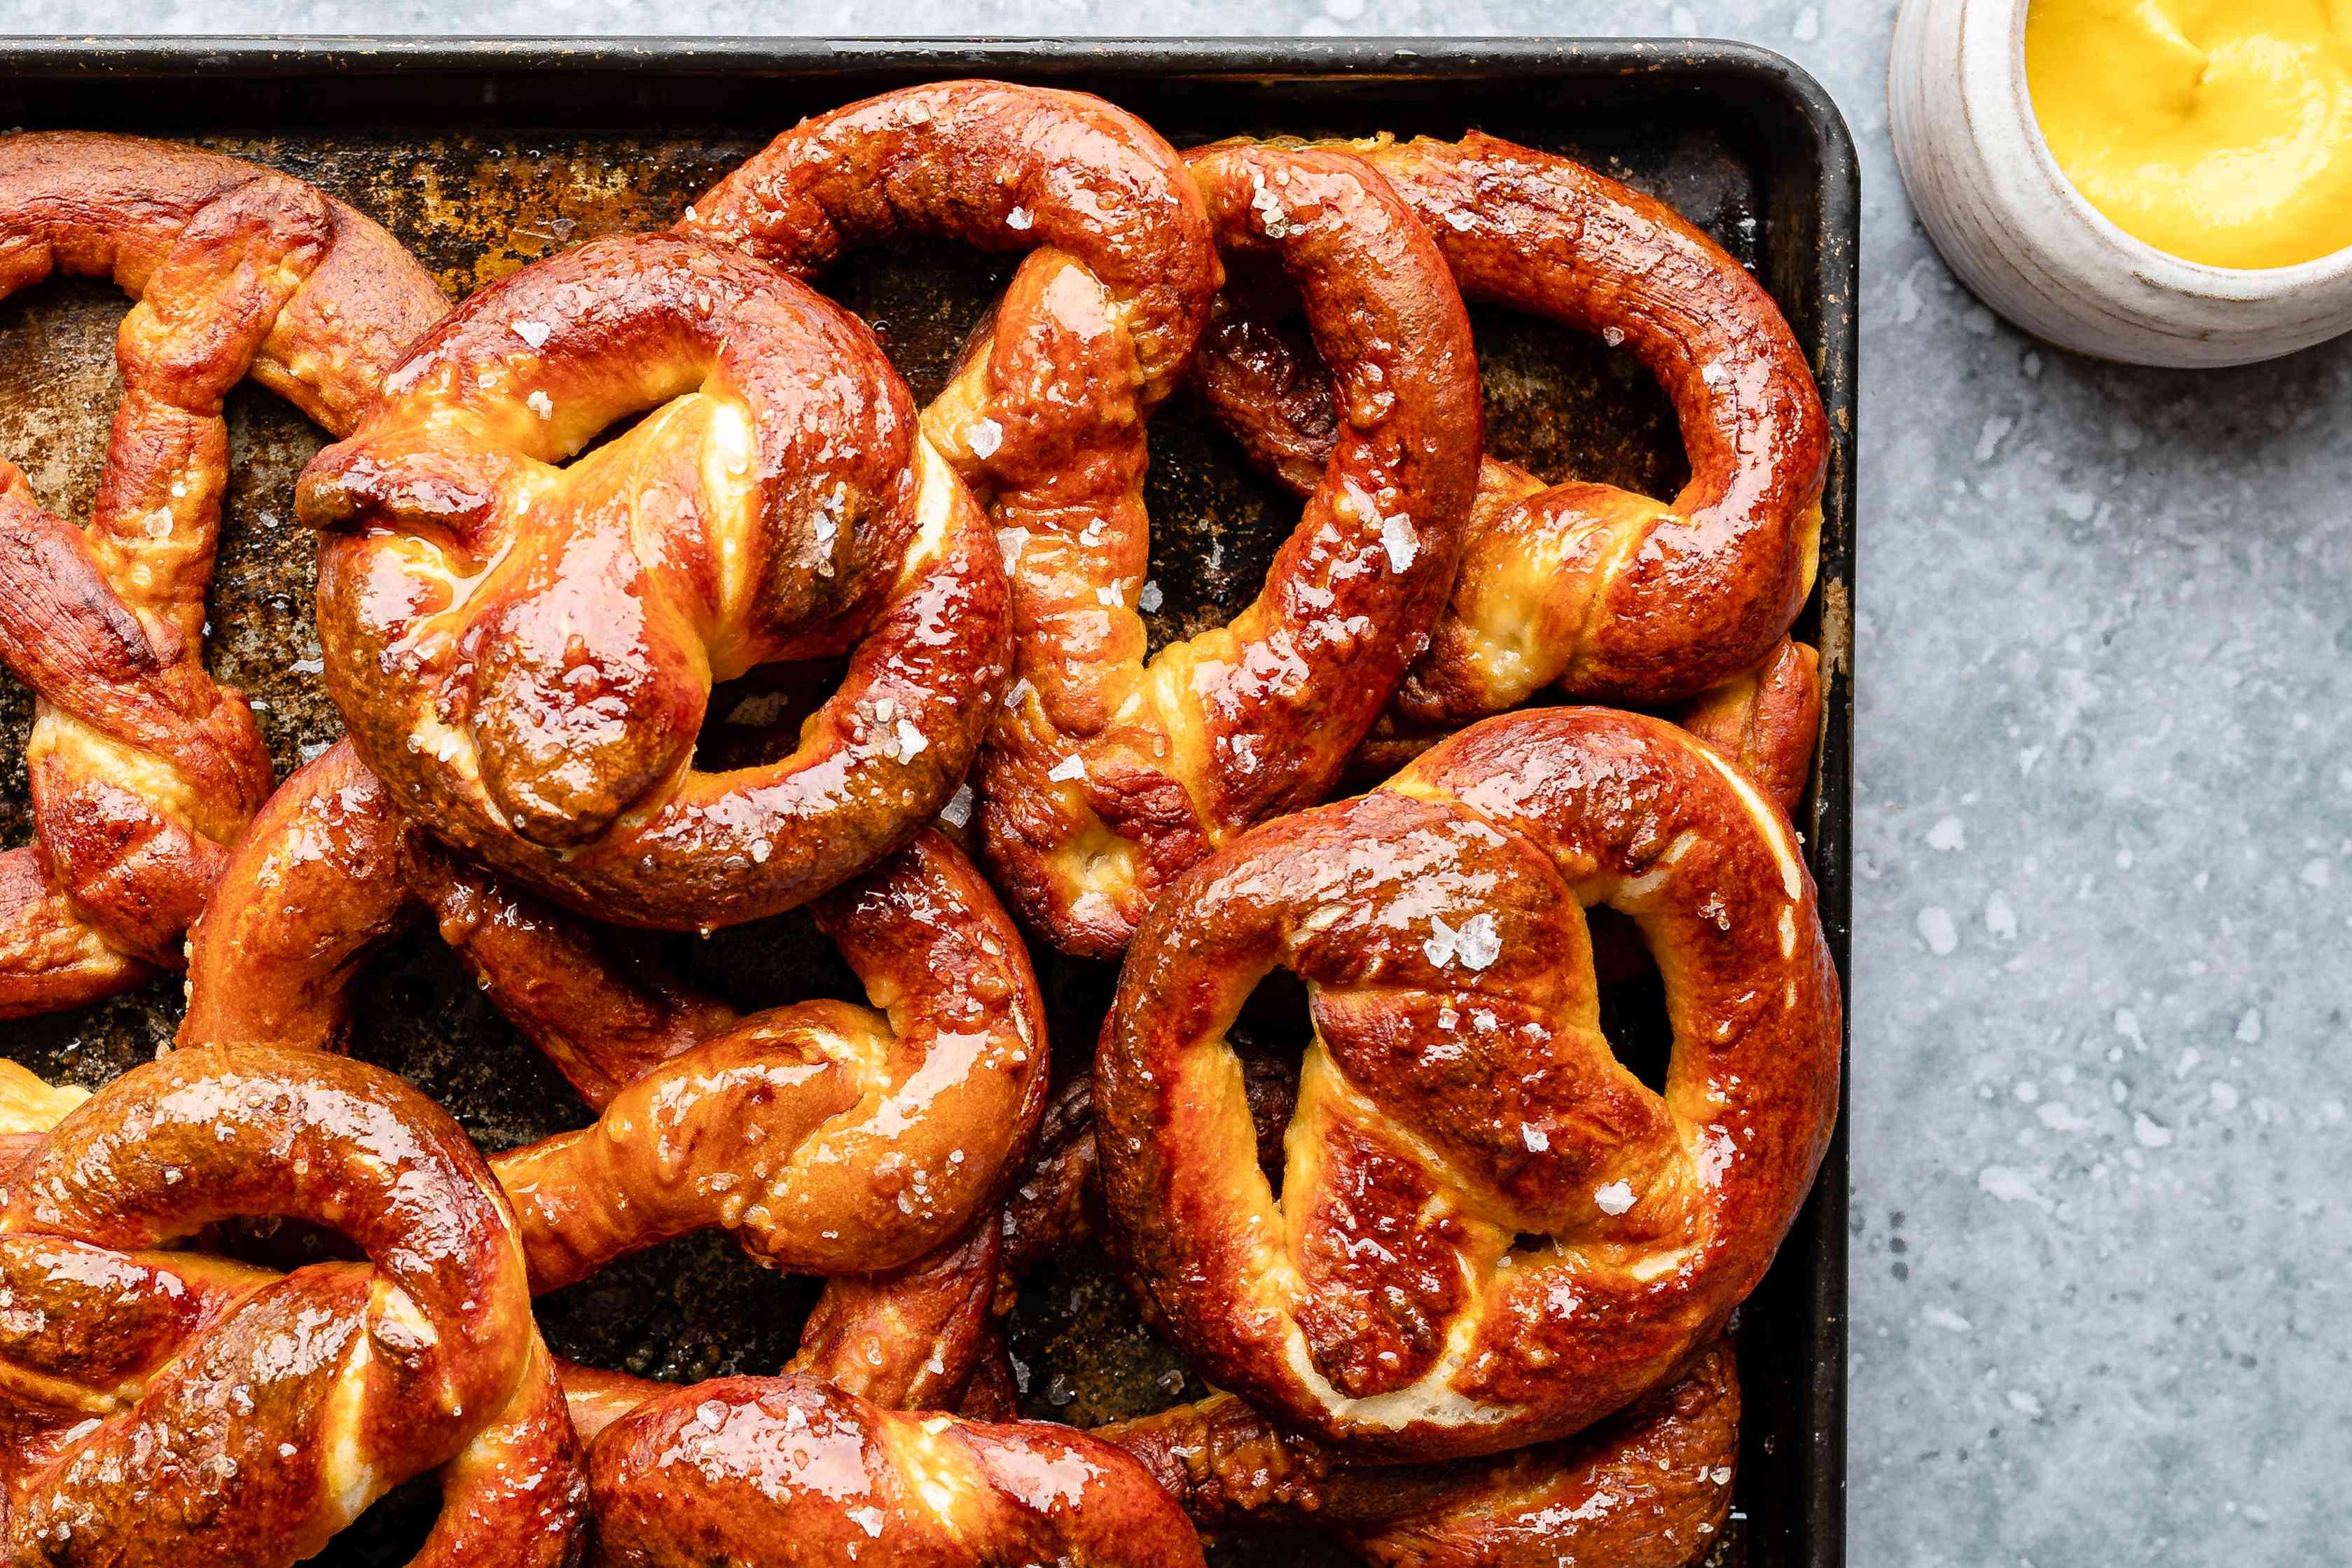 Allow pretzels to cool and serve at room temperature